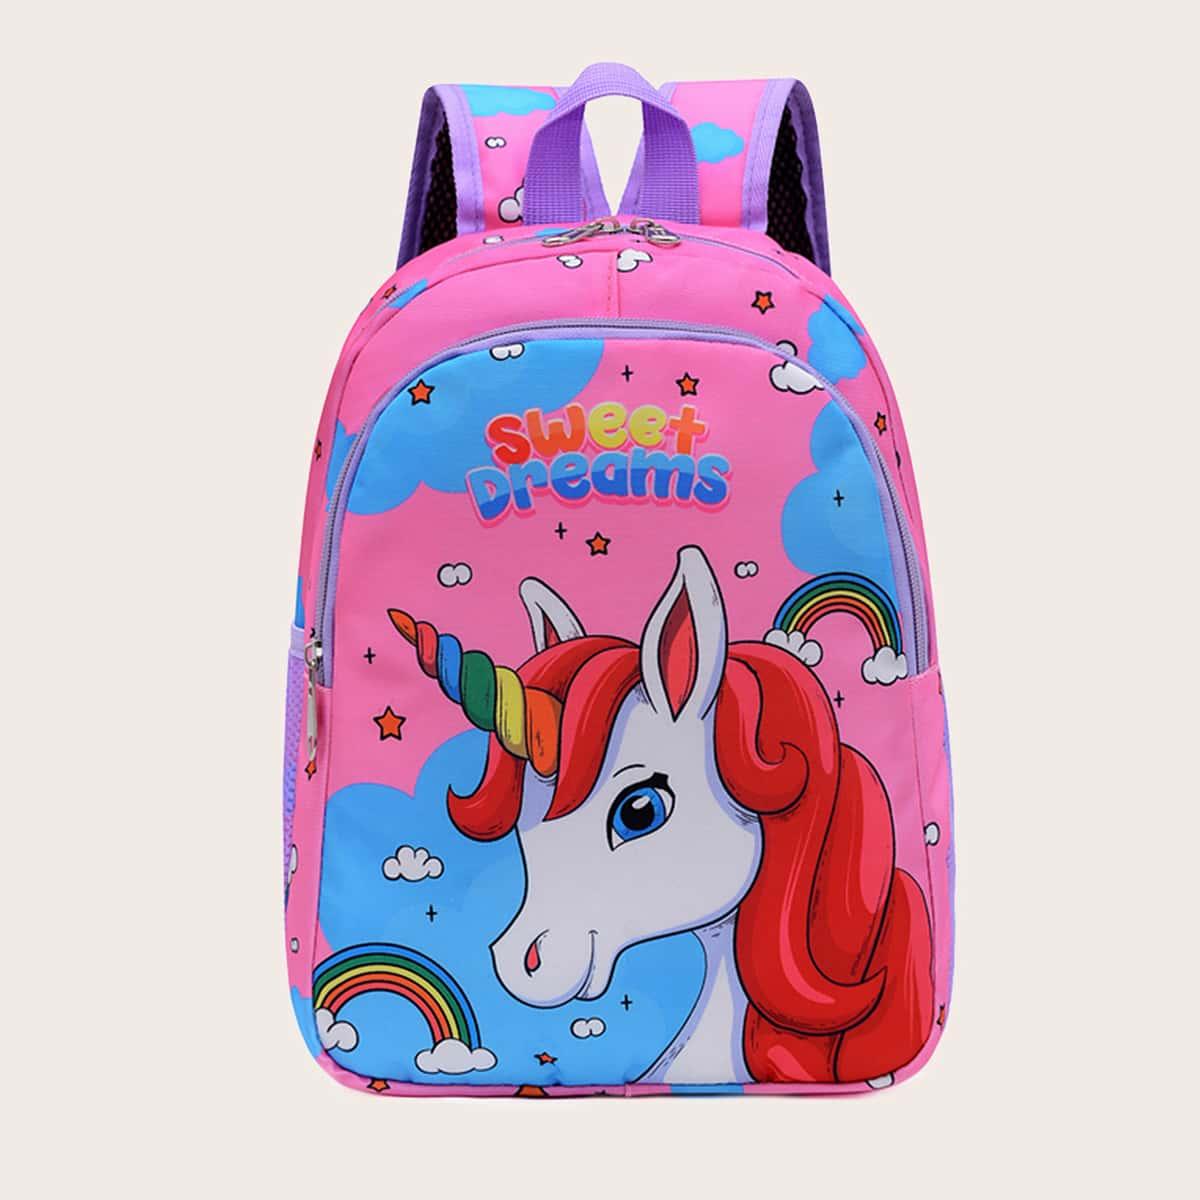 Рюкзак для девочек с мультипликационным рисунком SheIn skbag18210604624